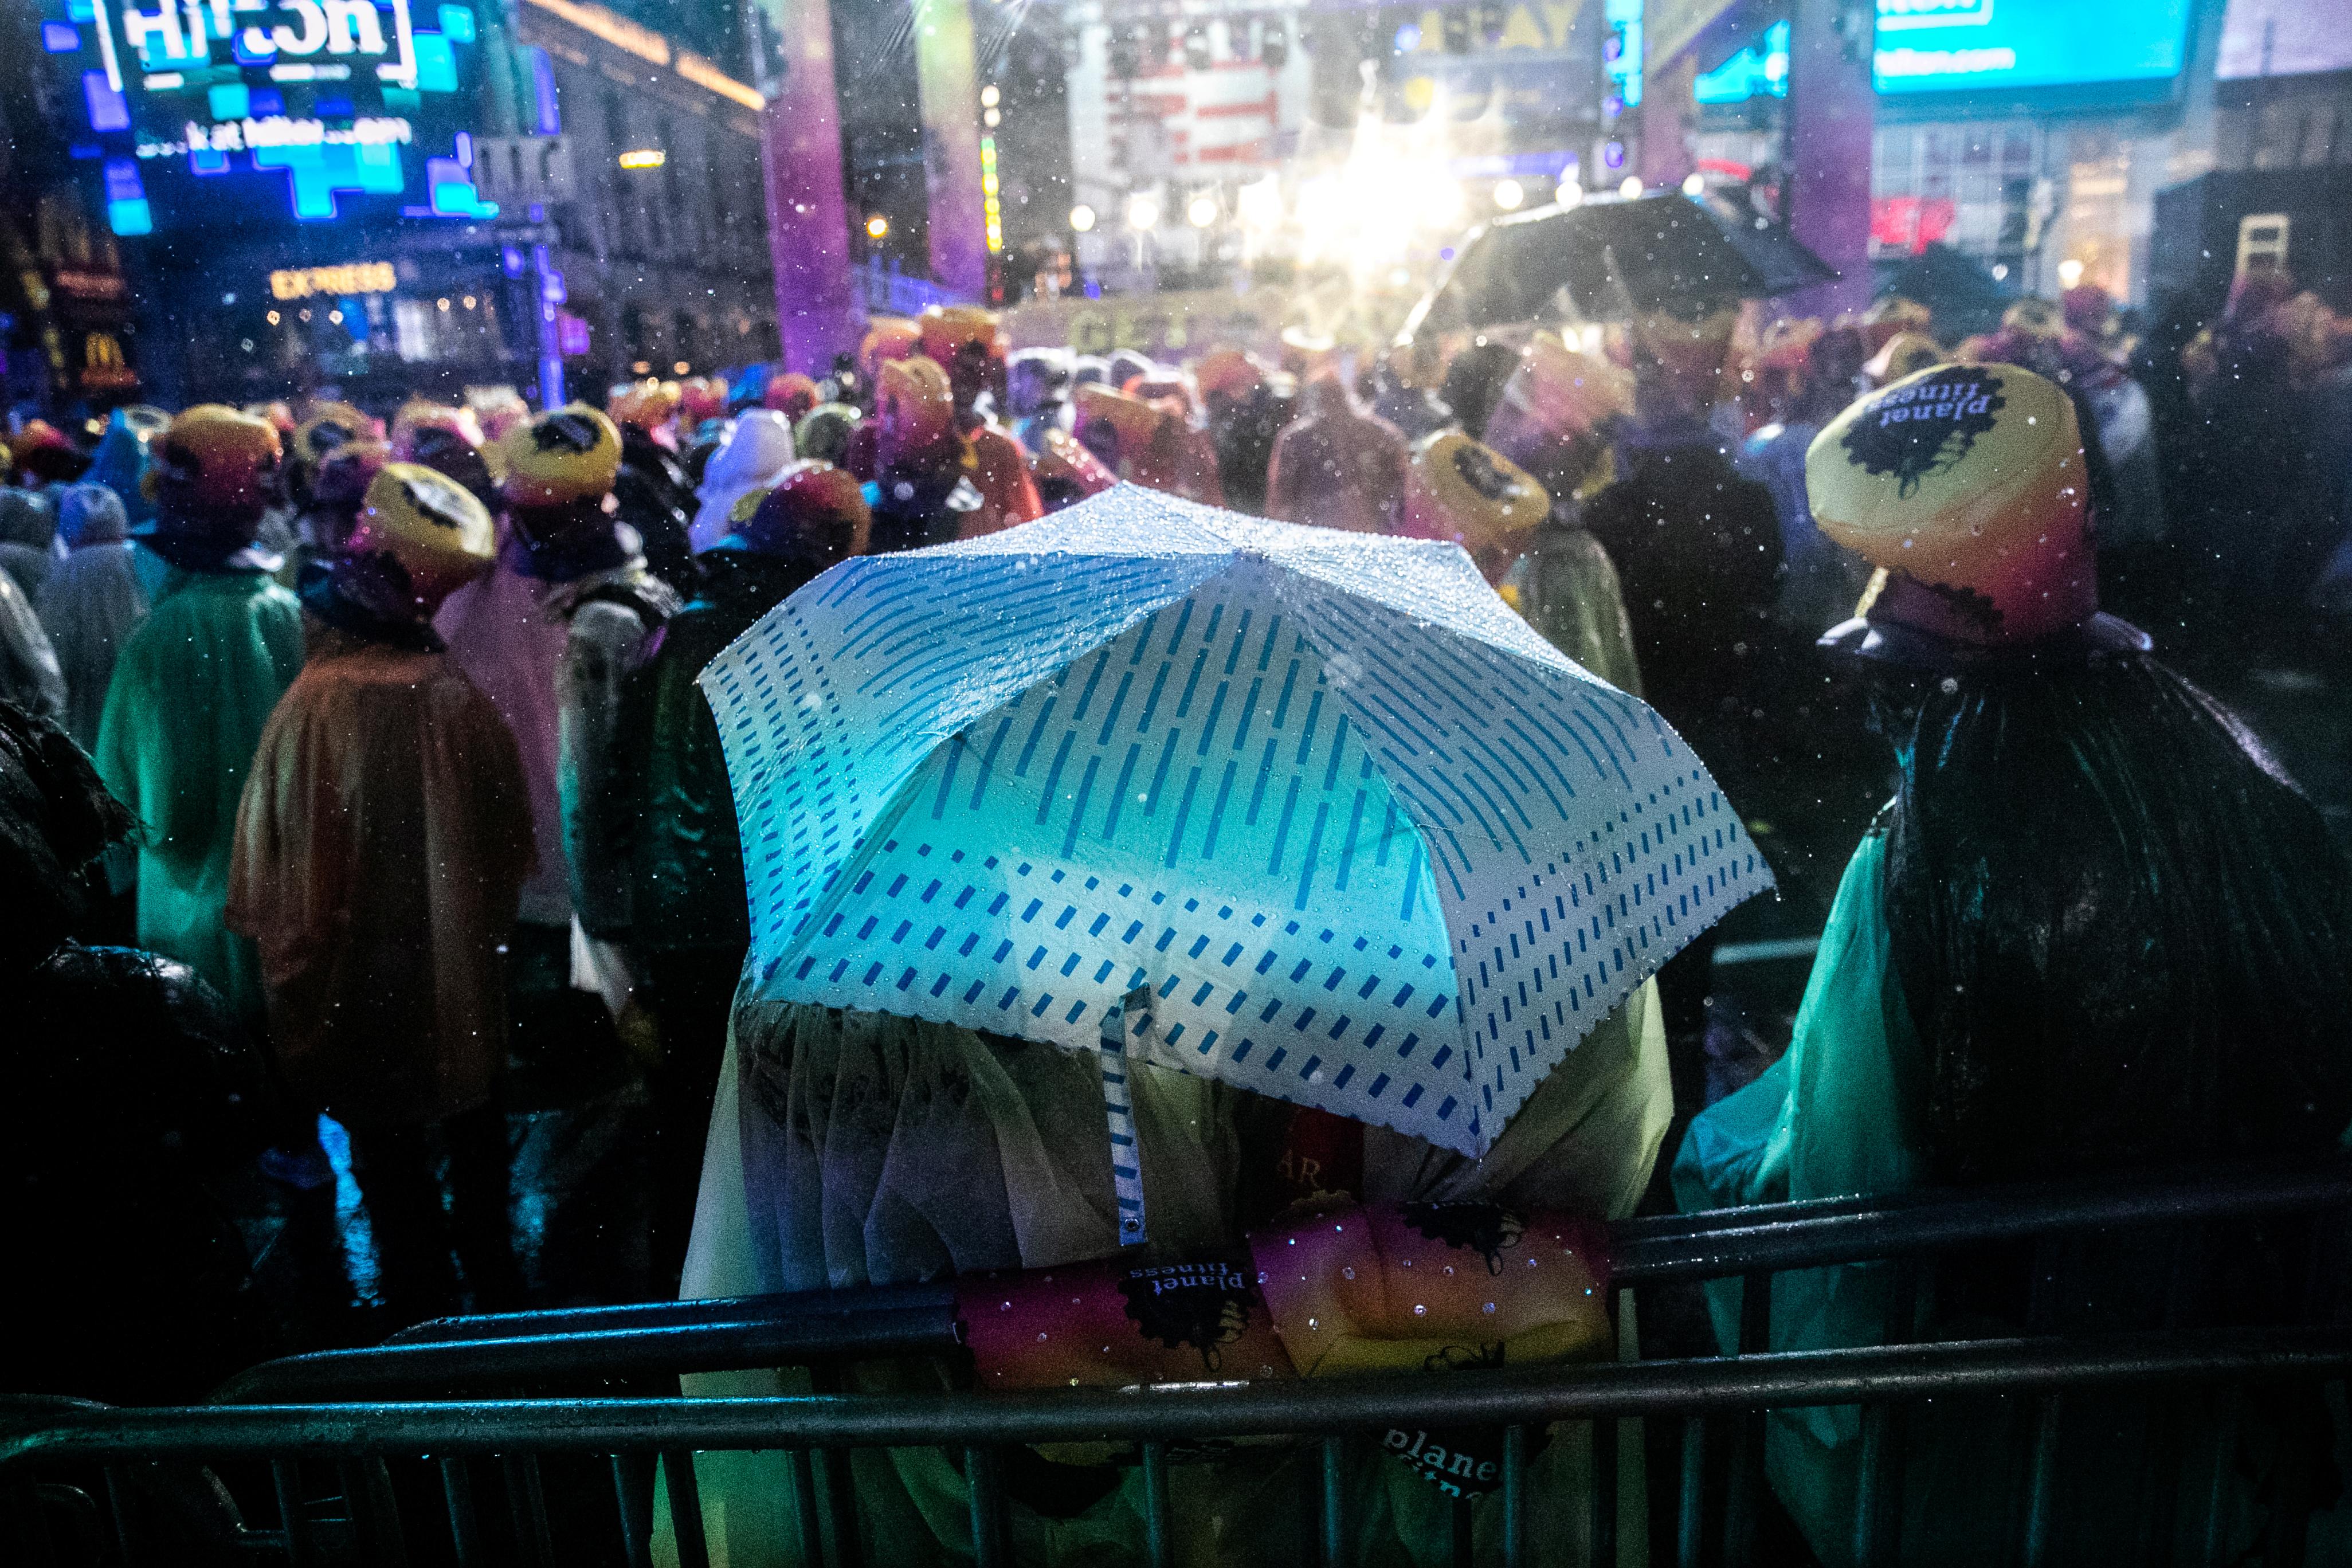 حشود كبيرة ليلة رأس السنة في تايمز سكوير